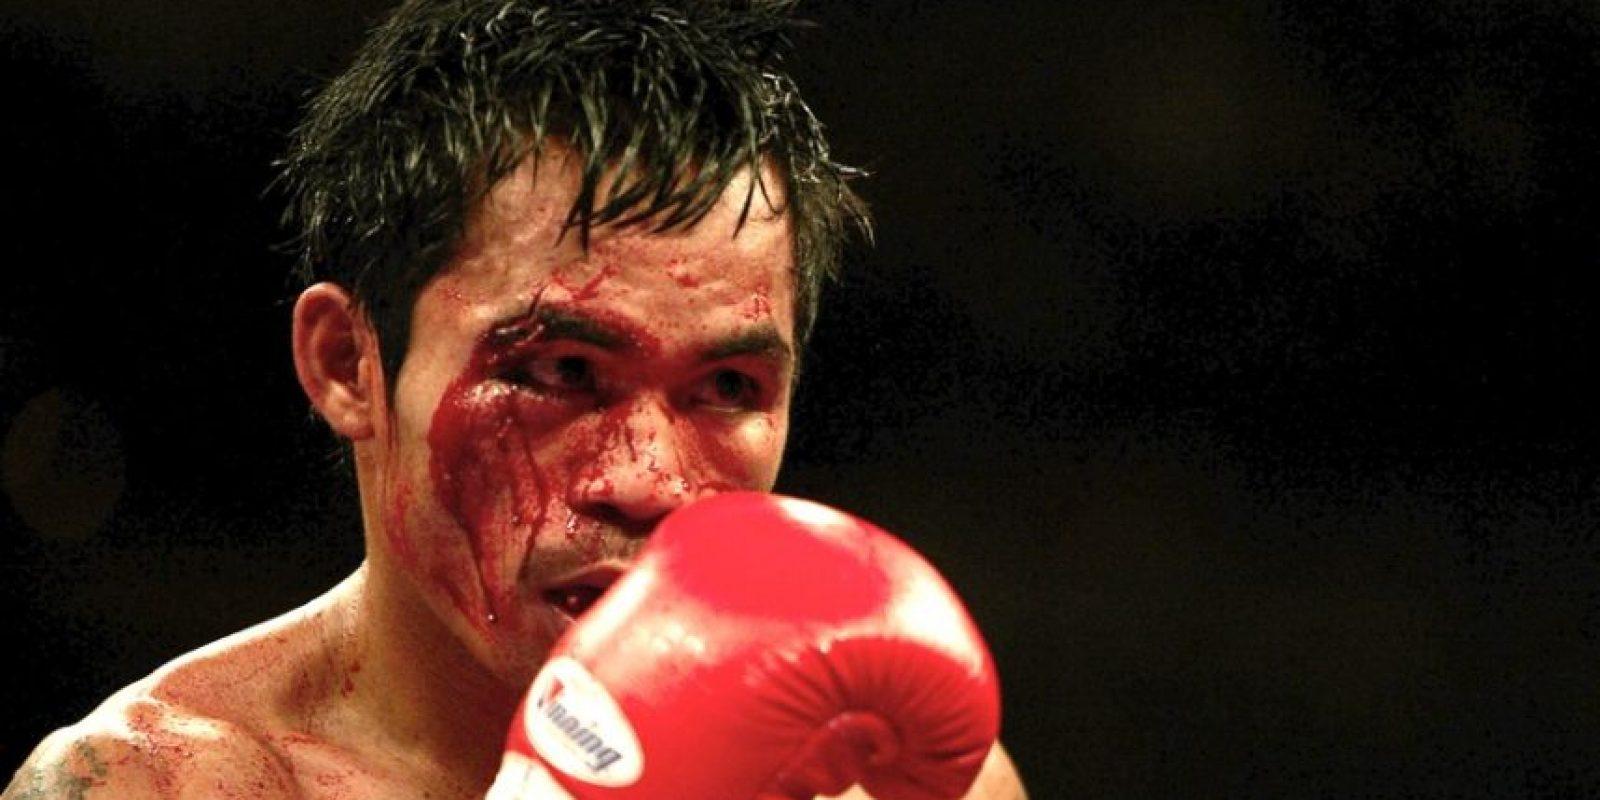 Foto:Para ser justos, pusimos esta foto en la que el filipino se manchó la cara en la pelea que perdió ante Érik Morales, durante la primera felpa de la trilogía. Tal vez el corte más serio que haya sufrido Manny en su carrera / Getty